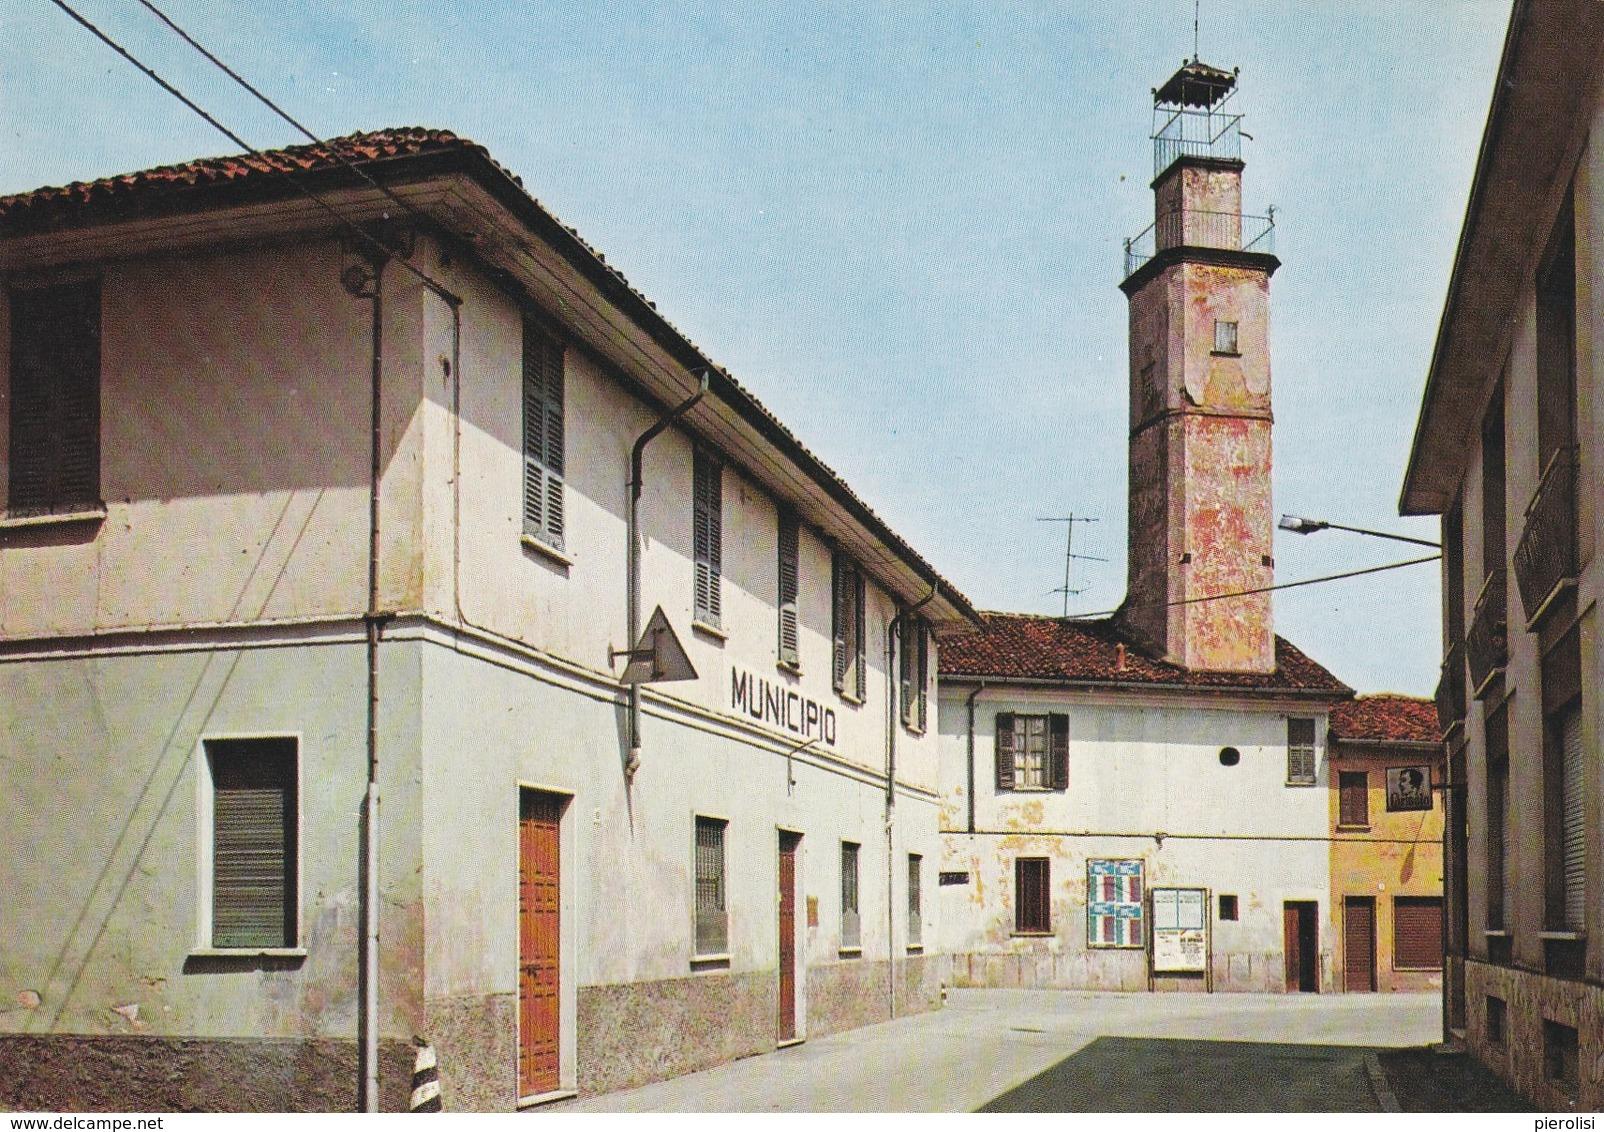 DAIRAGO (MI) - Municipio E Torre Dei Lampugnani - Milano